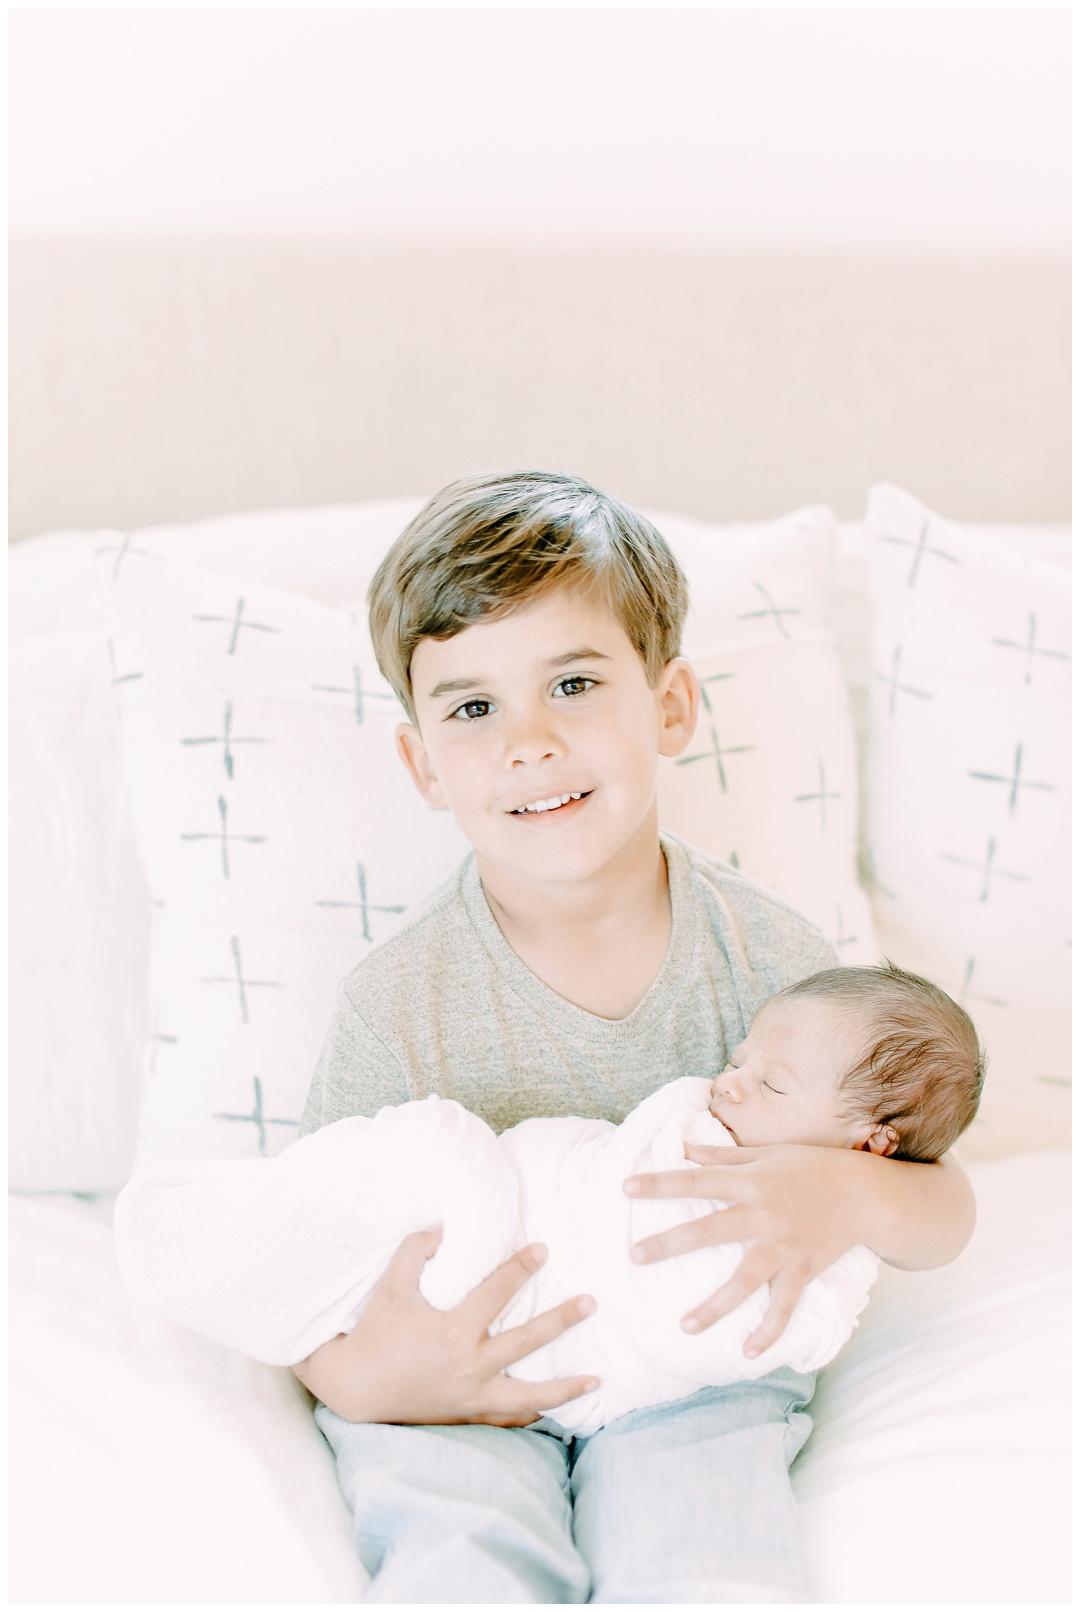 Newport_Beach_Newborn_Photographer_In-home_Newborn_Photography_Cori_Kleckner_Photography_The_Pirro_Family_Jessica_Pirro__1074.jpg